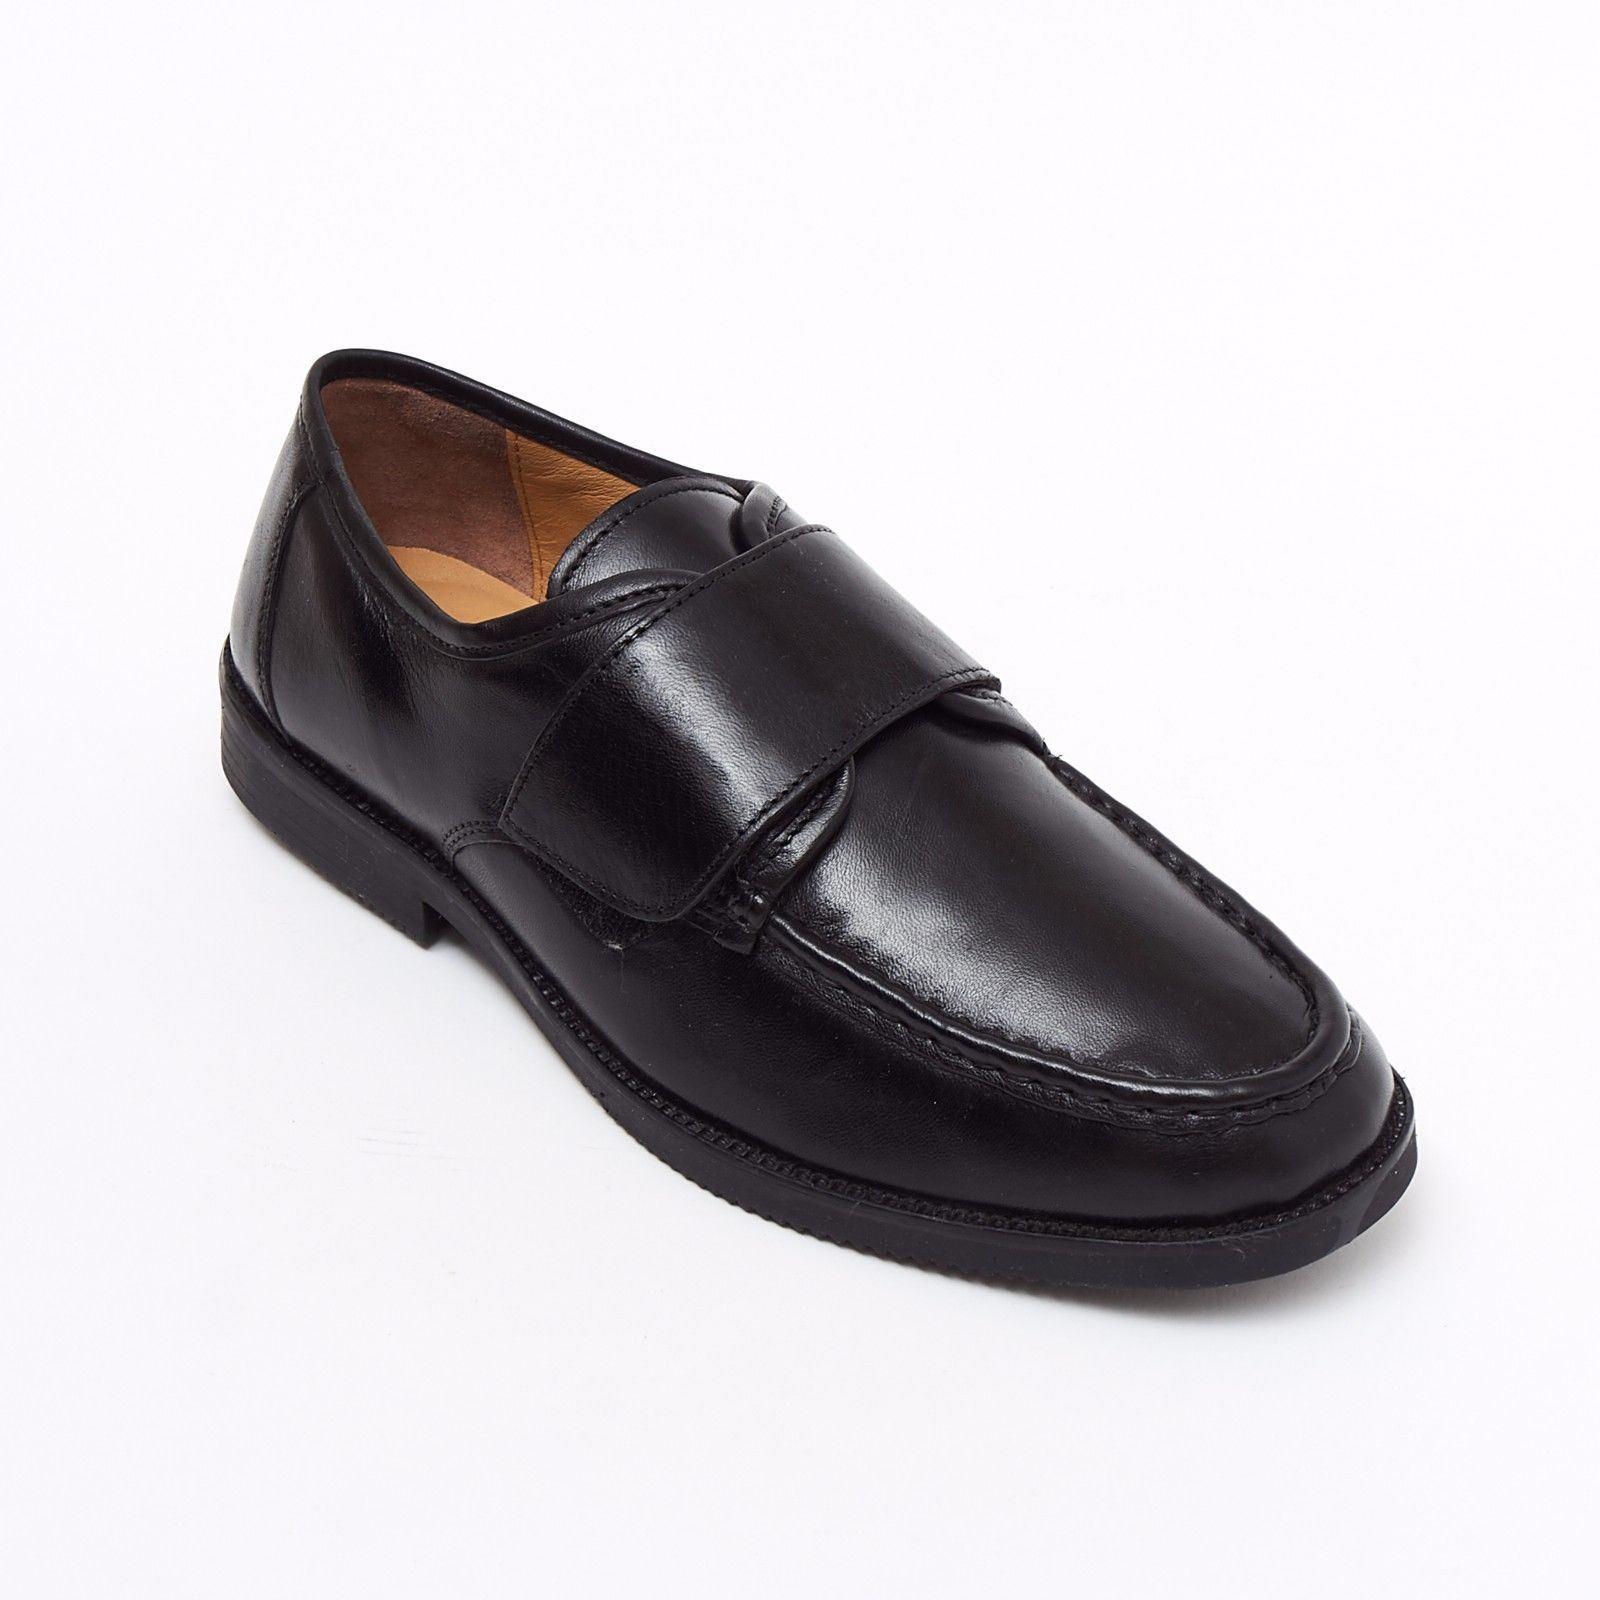 Formal Men Black Leather Heels Smart Shoes Slip On Wedding Loafer